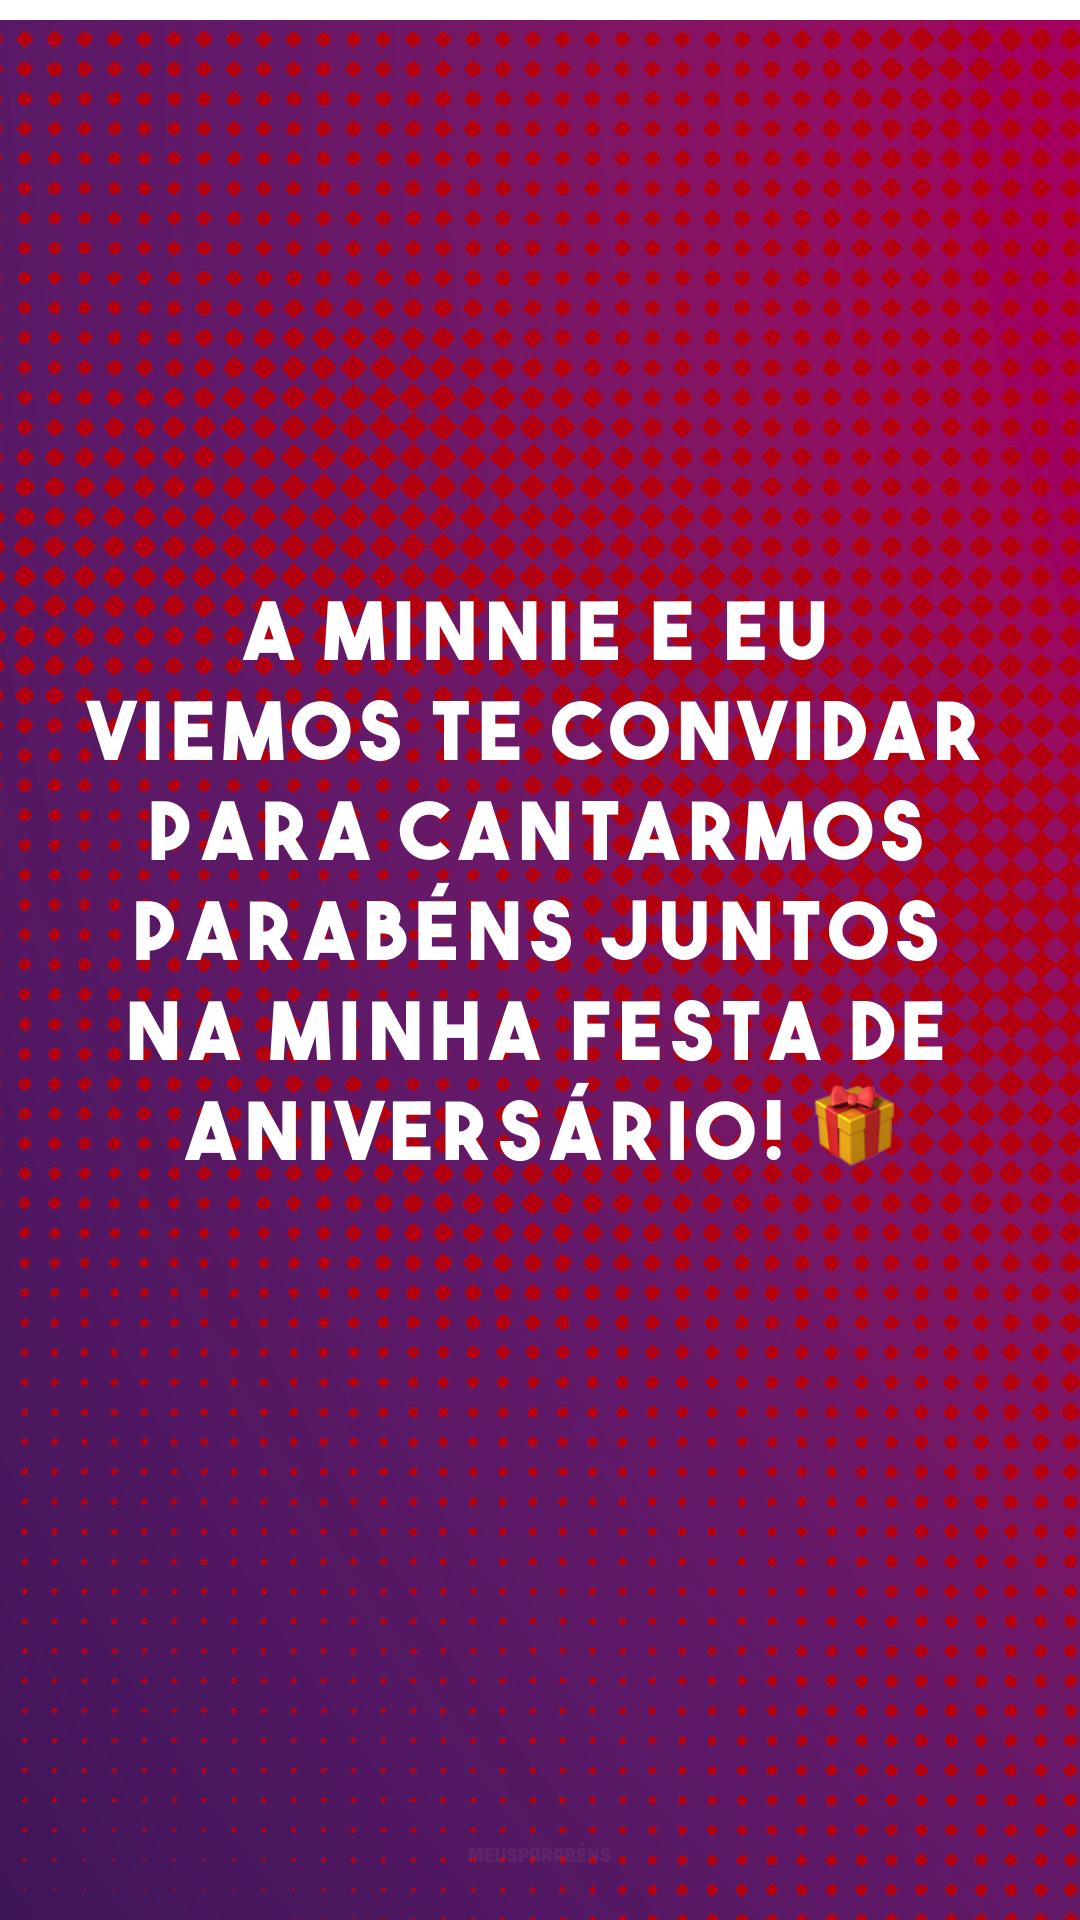 A Minnie e eu viemos te convidar para cantarmos parabéns juntos na minha festa de aniversário! 🎁